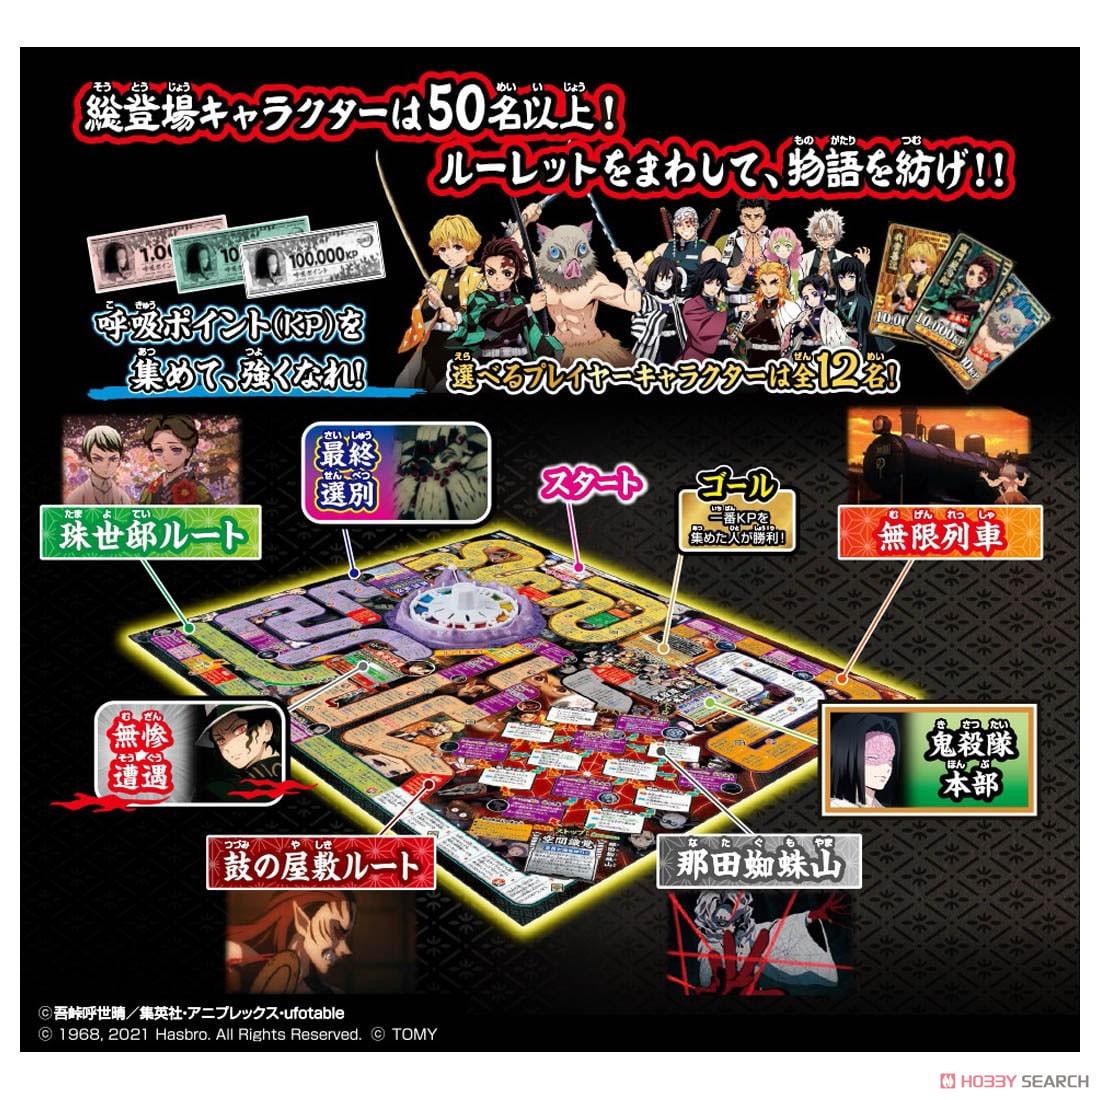 鬼滅の刃『鬼滅の刃 人生ゲーム』テーブルゲーム-003